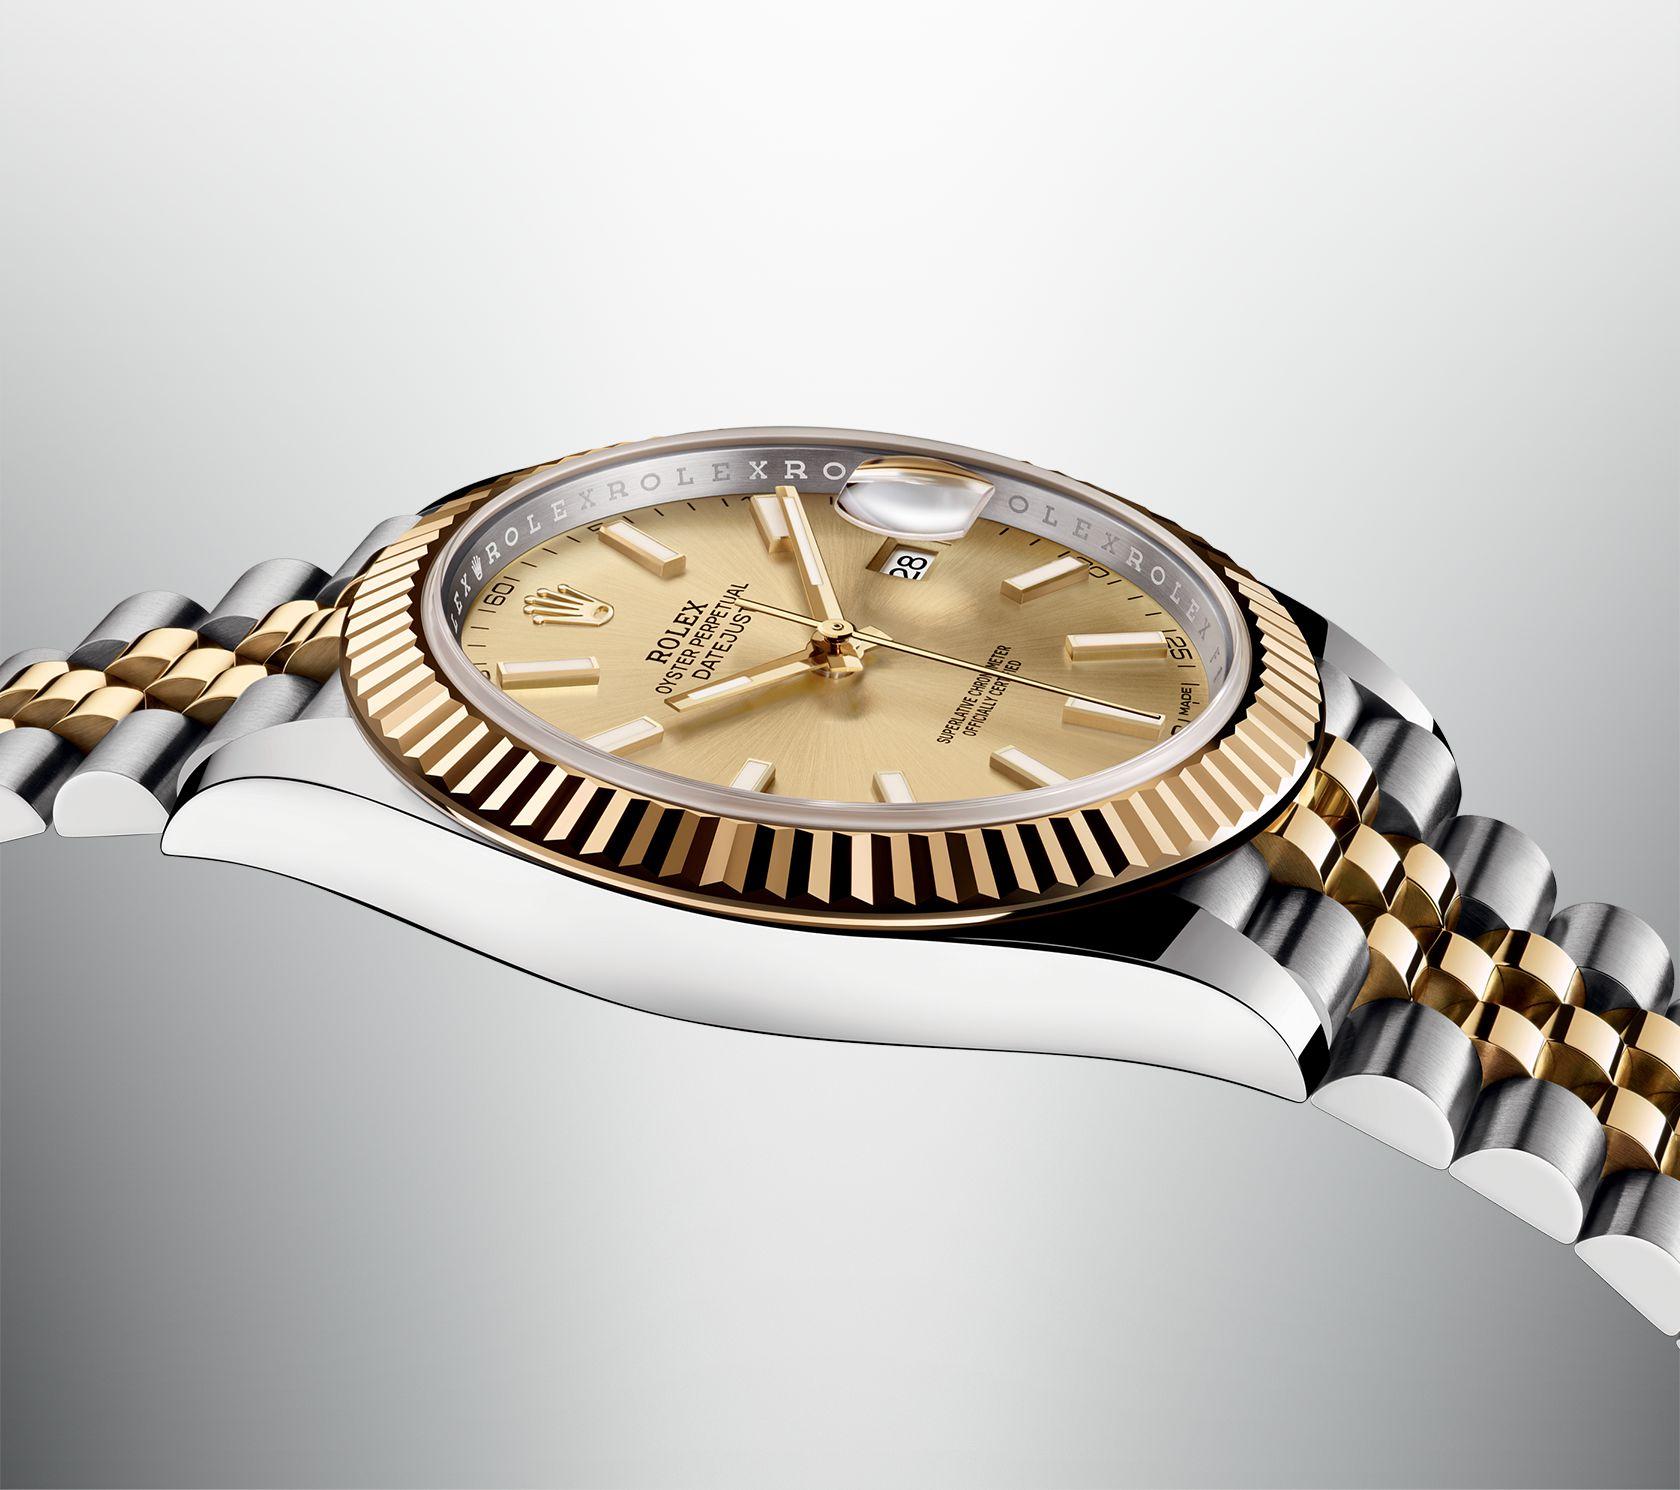 Zijde van Rolex Datejust 41